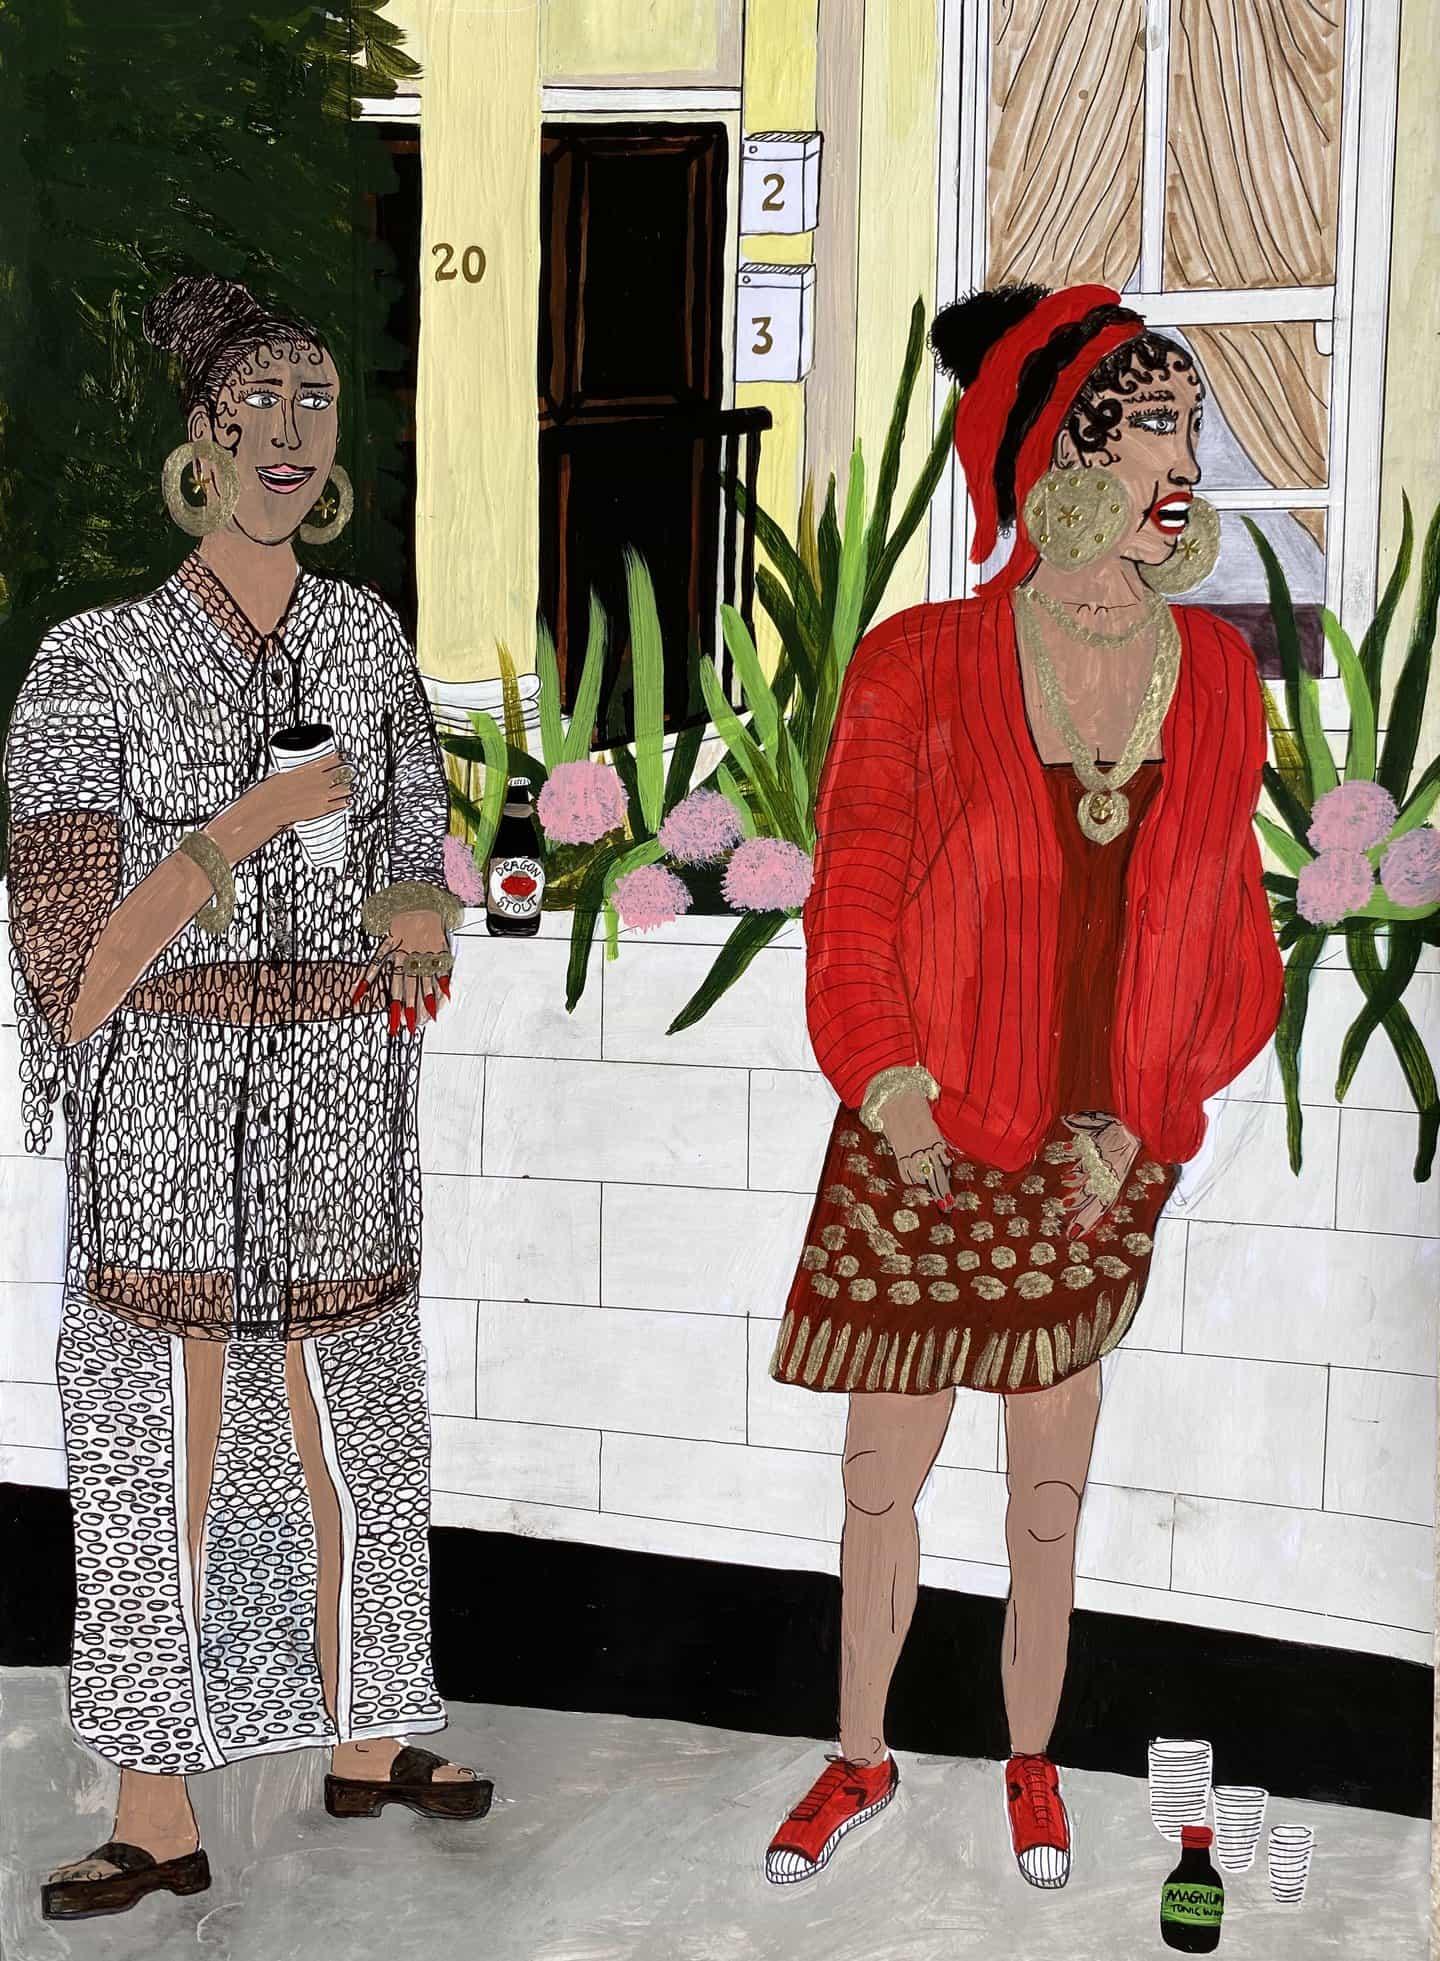 Las pinturas de Conor Murgatroyd celebran el multiculturalismo de Gran Bretaña de hoy